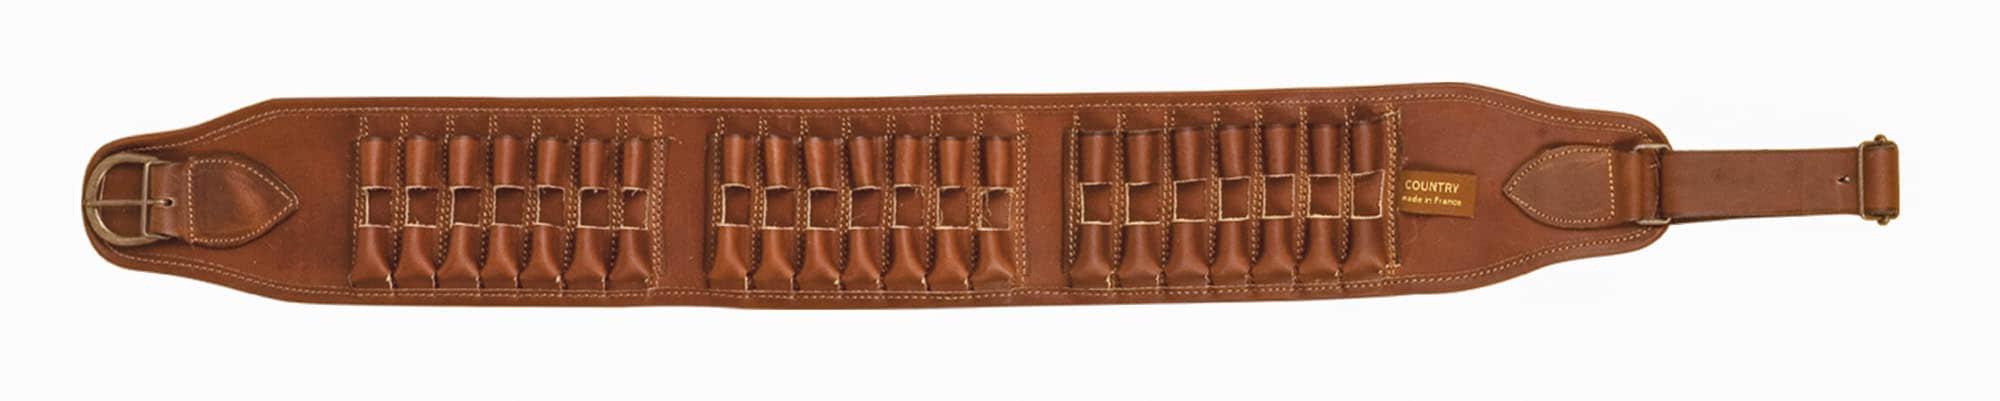 Cartouchière cuir gras pour 21 balles - Country Sellerie 801d61b5874